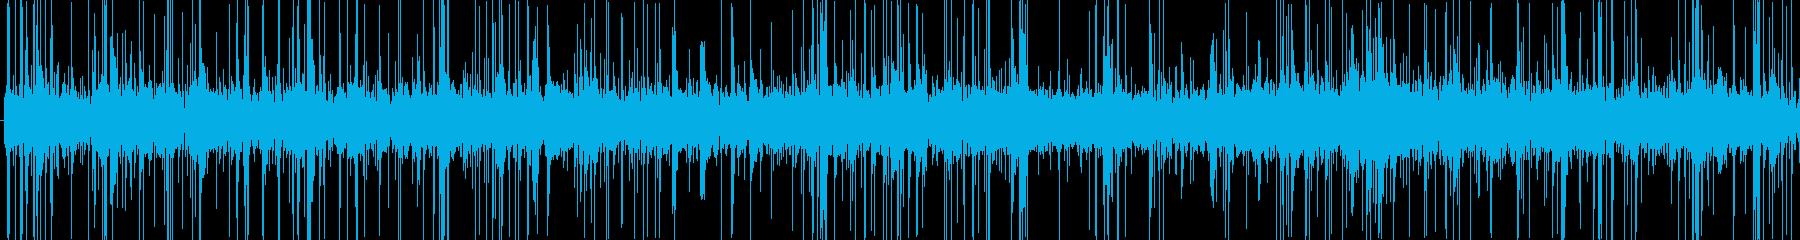 (パチパチ)火が燃える音の再生済みの波形